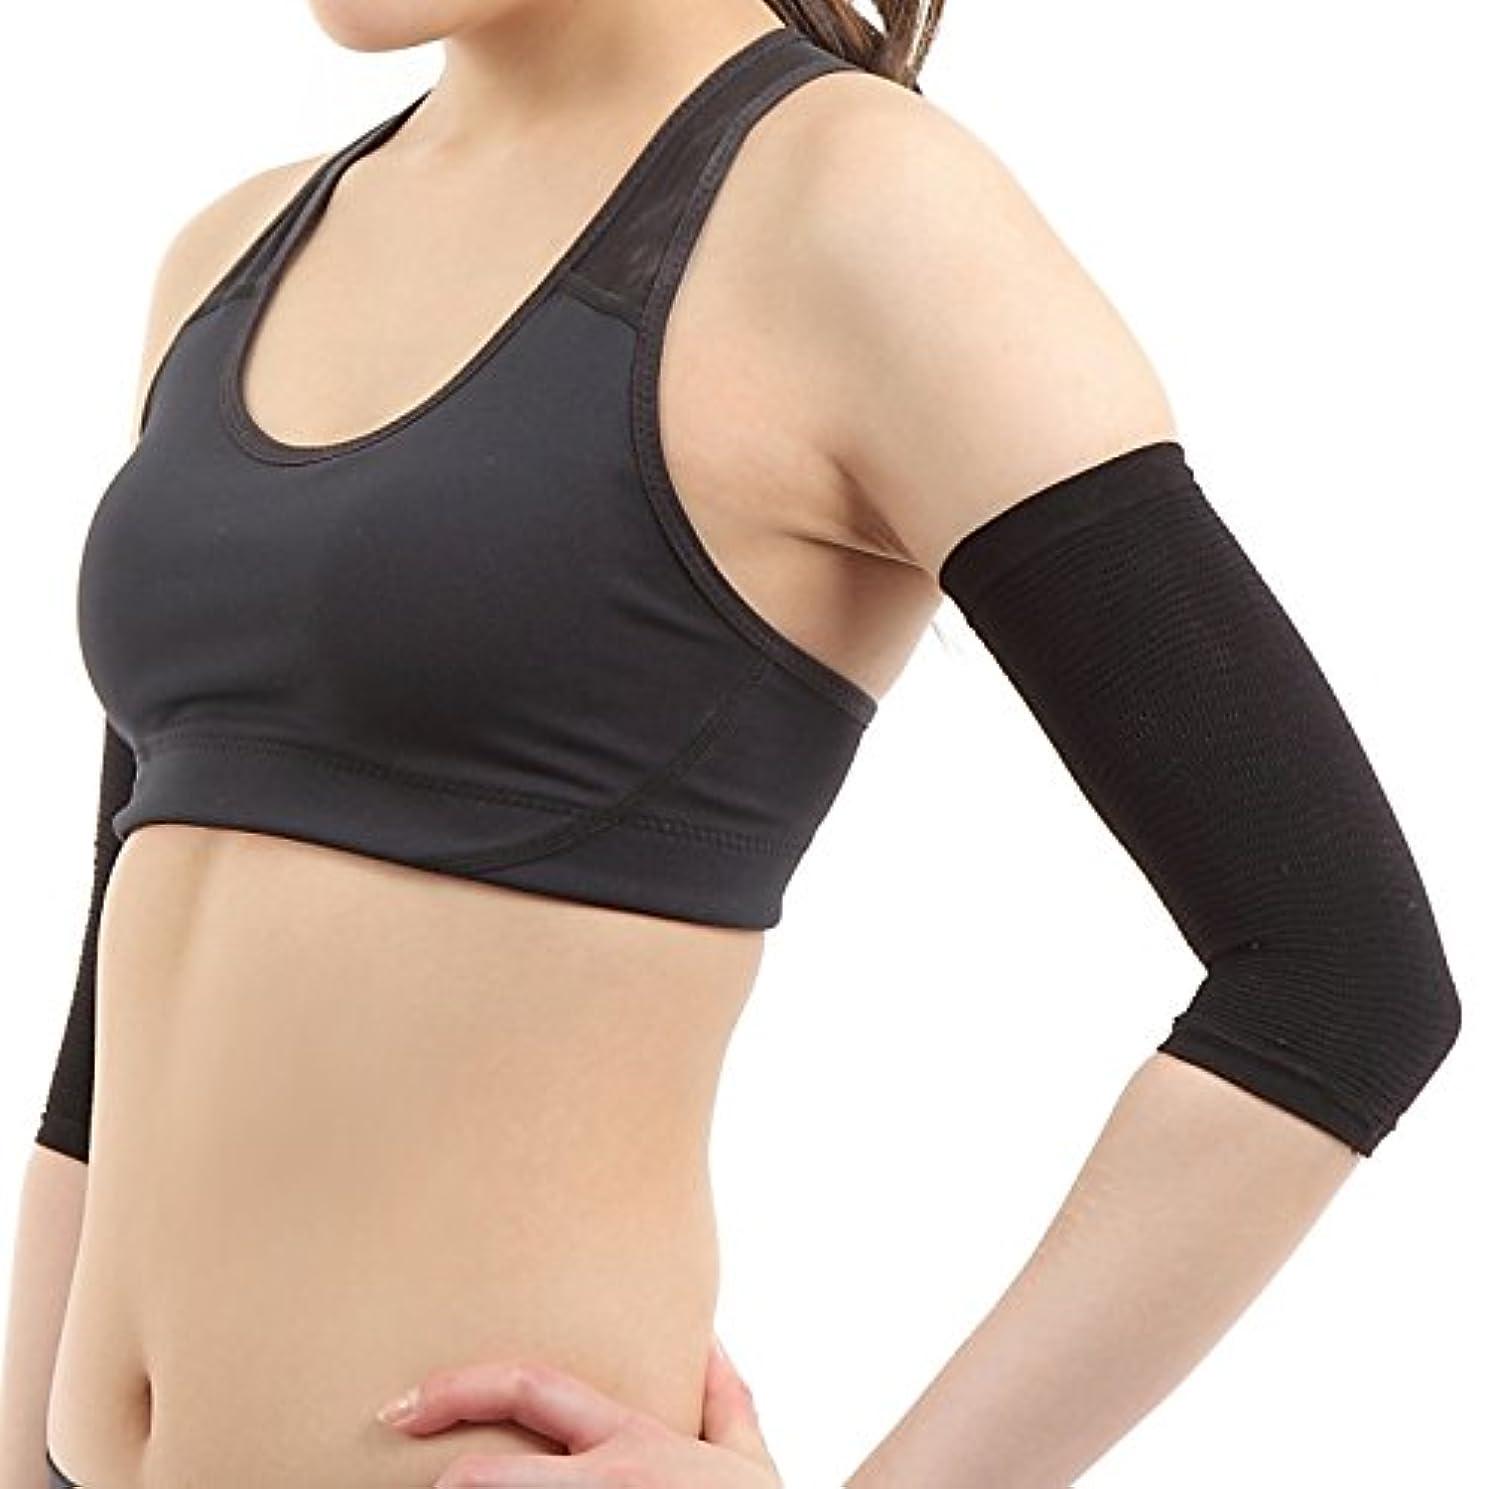 構造腹部成長するSPORTIA 二の腕シェイパー 二の腕サポーター ダイエット ゲルマニウム配合 (2枚1組) レディース ブラック